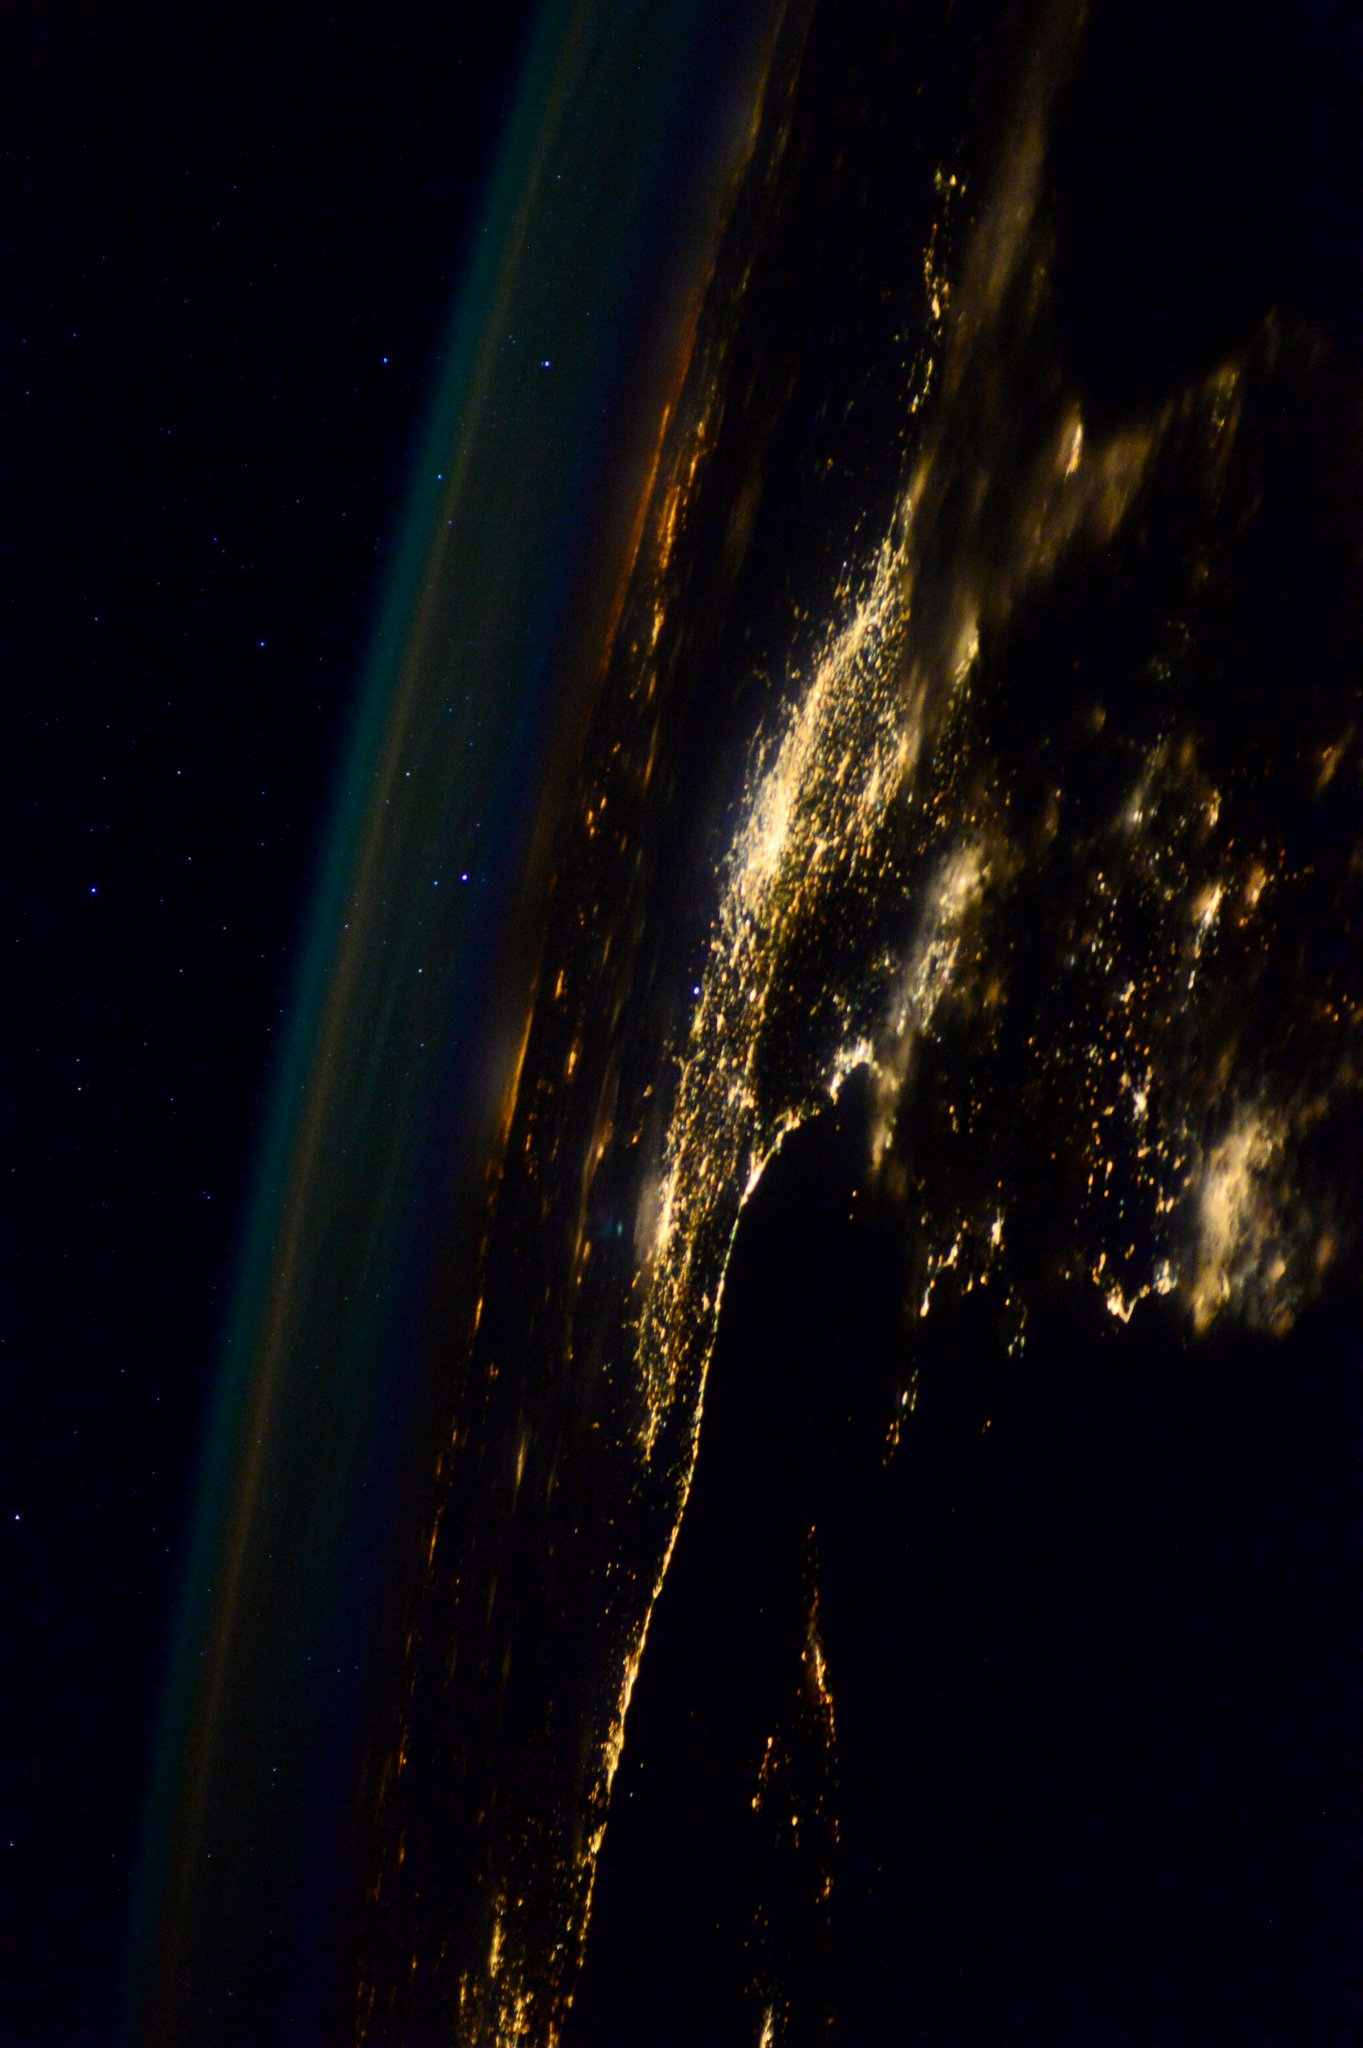 Una bella prospettiva RT @AstroSamantha: A different perspective. #Italy Una prospettiva diversa. #Italia http://t.co/mwKKOnIunA